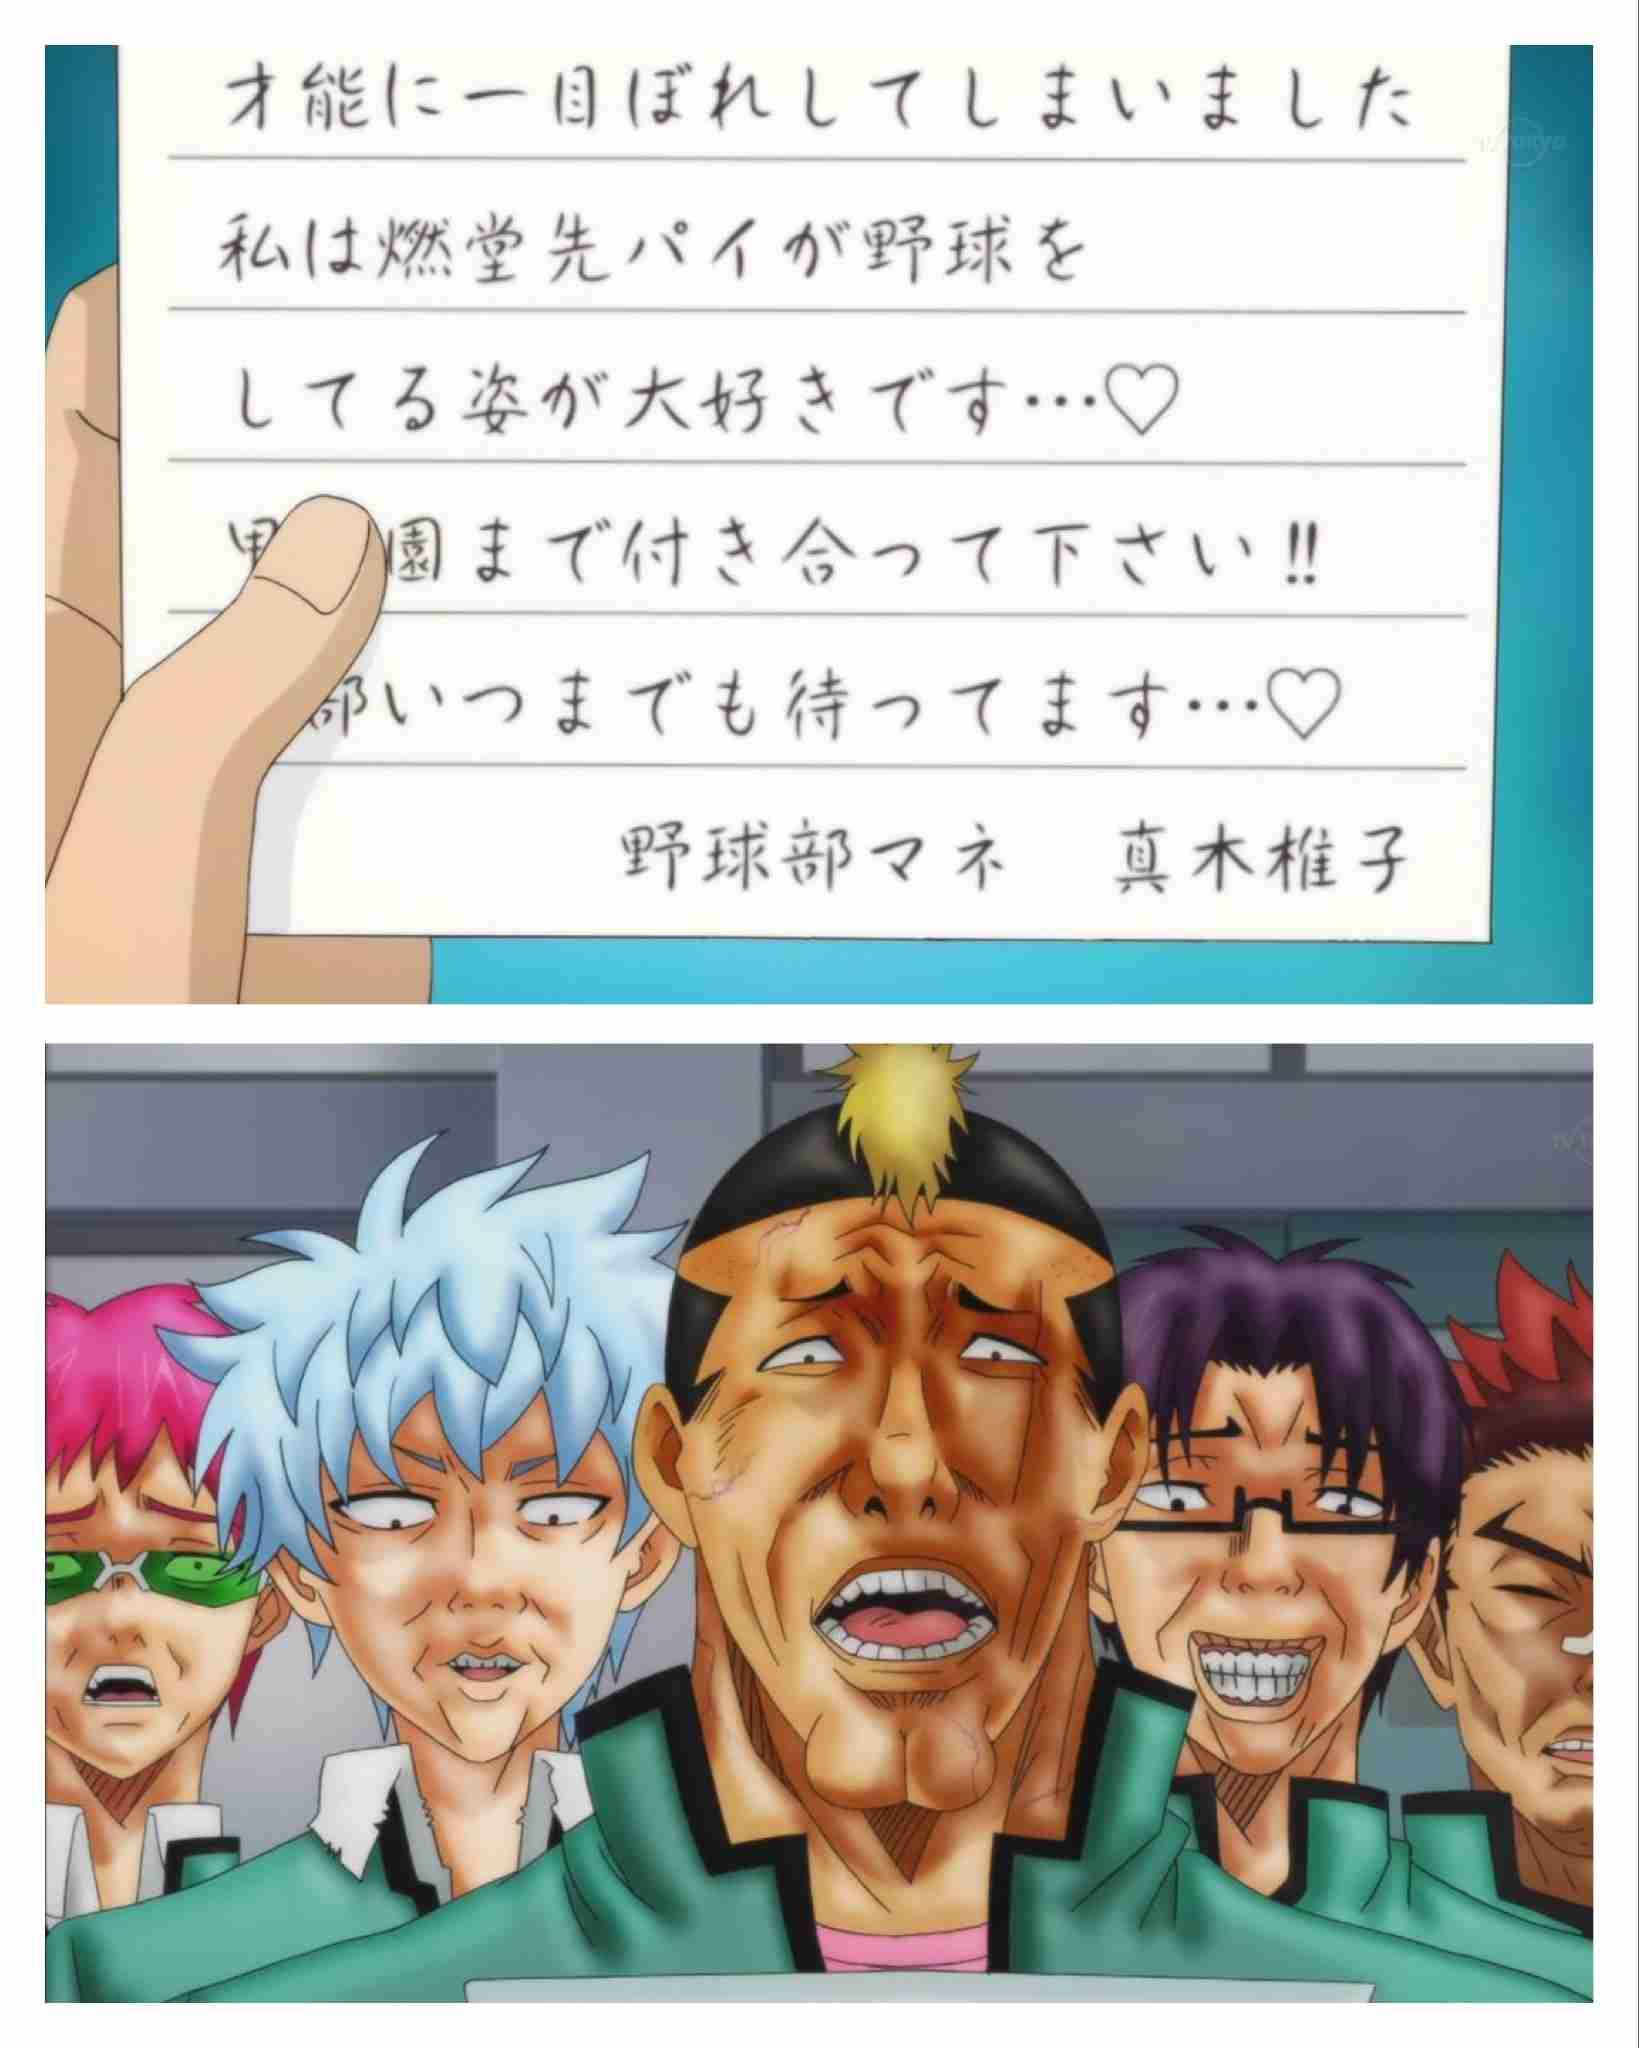 アニメ「斉木楠雄のΨ難」好きな人